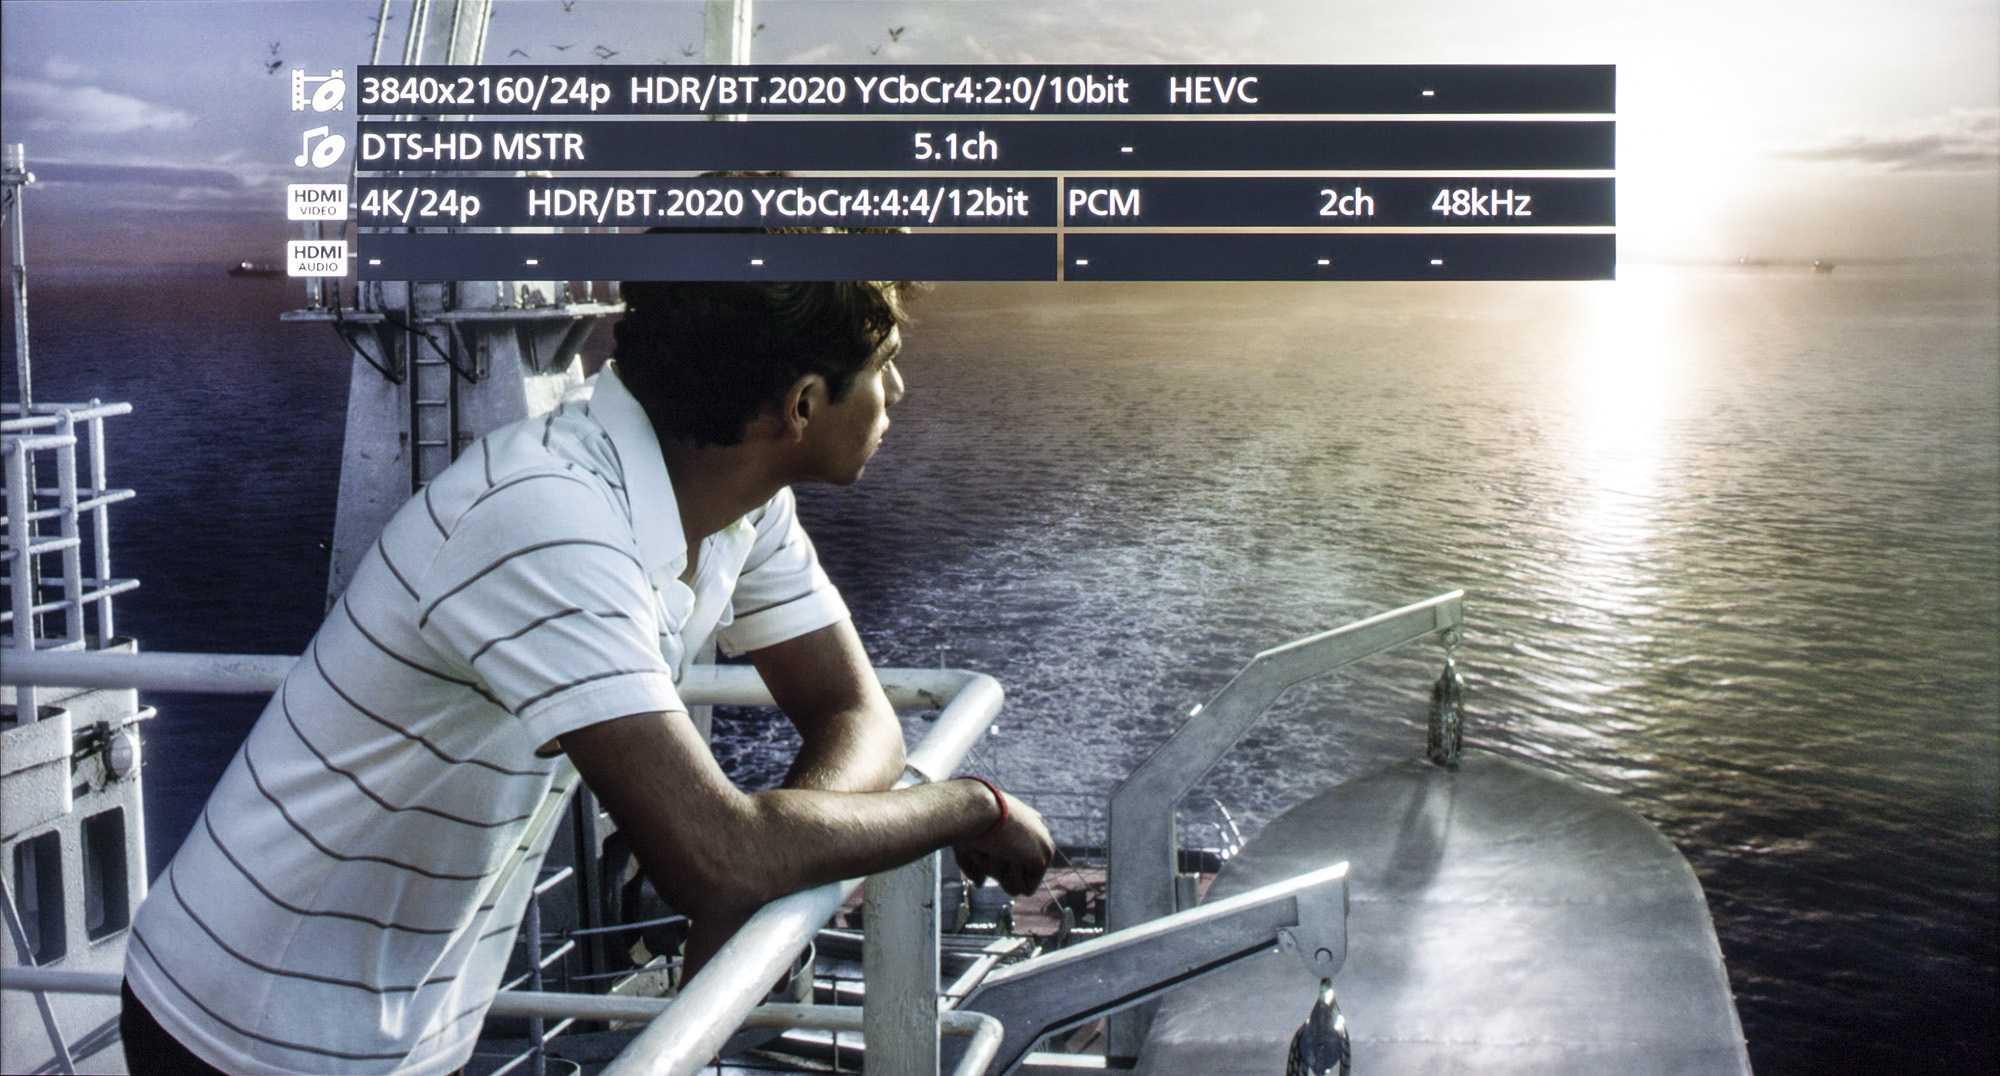 Aktuelle Filme mit HDR-Bild nutzen das Format HDR-10 mit 10 Bit Auflösung.